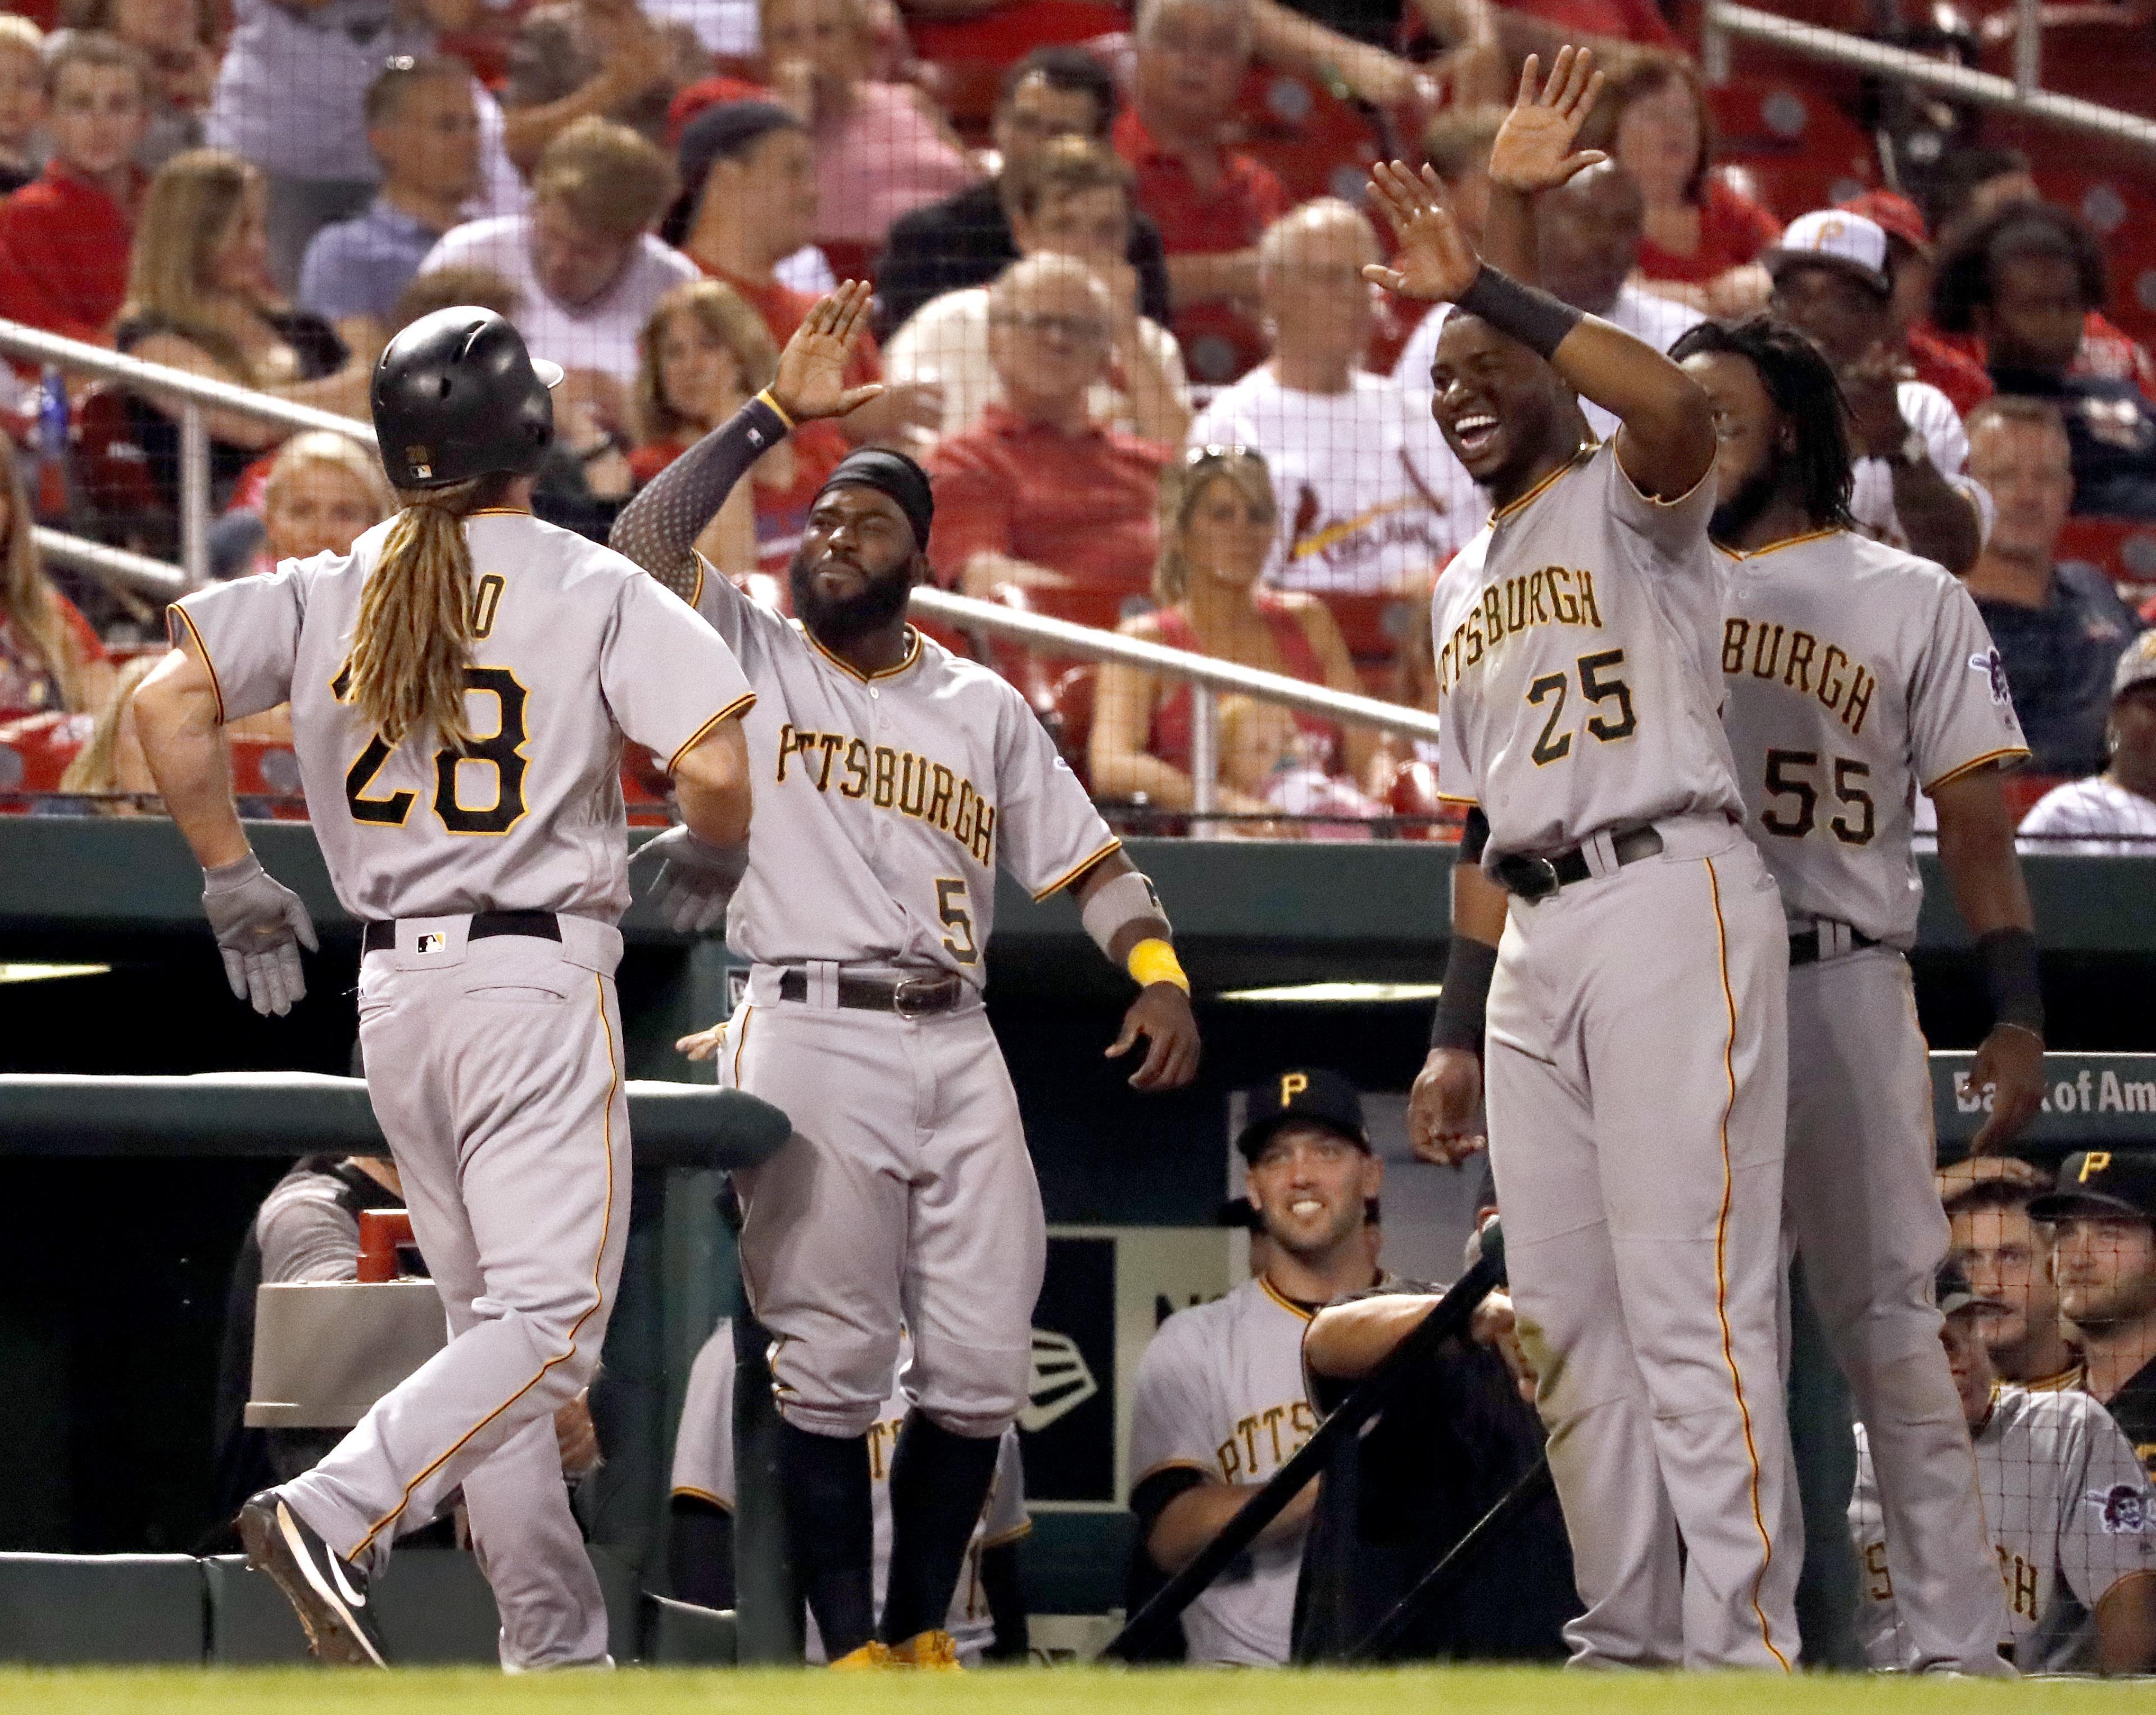 Pirates_cardinals_baseball_00223